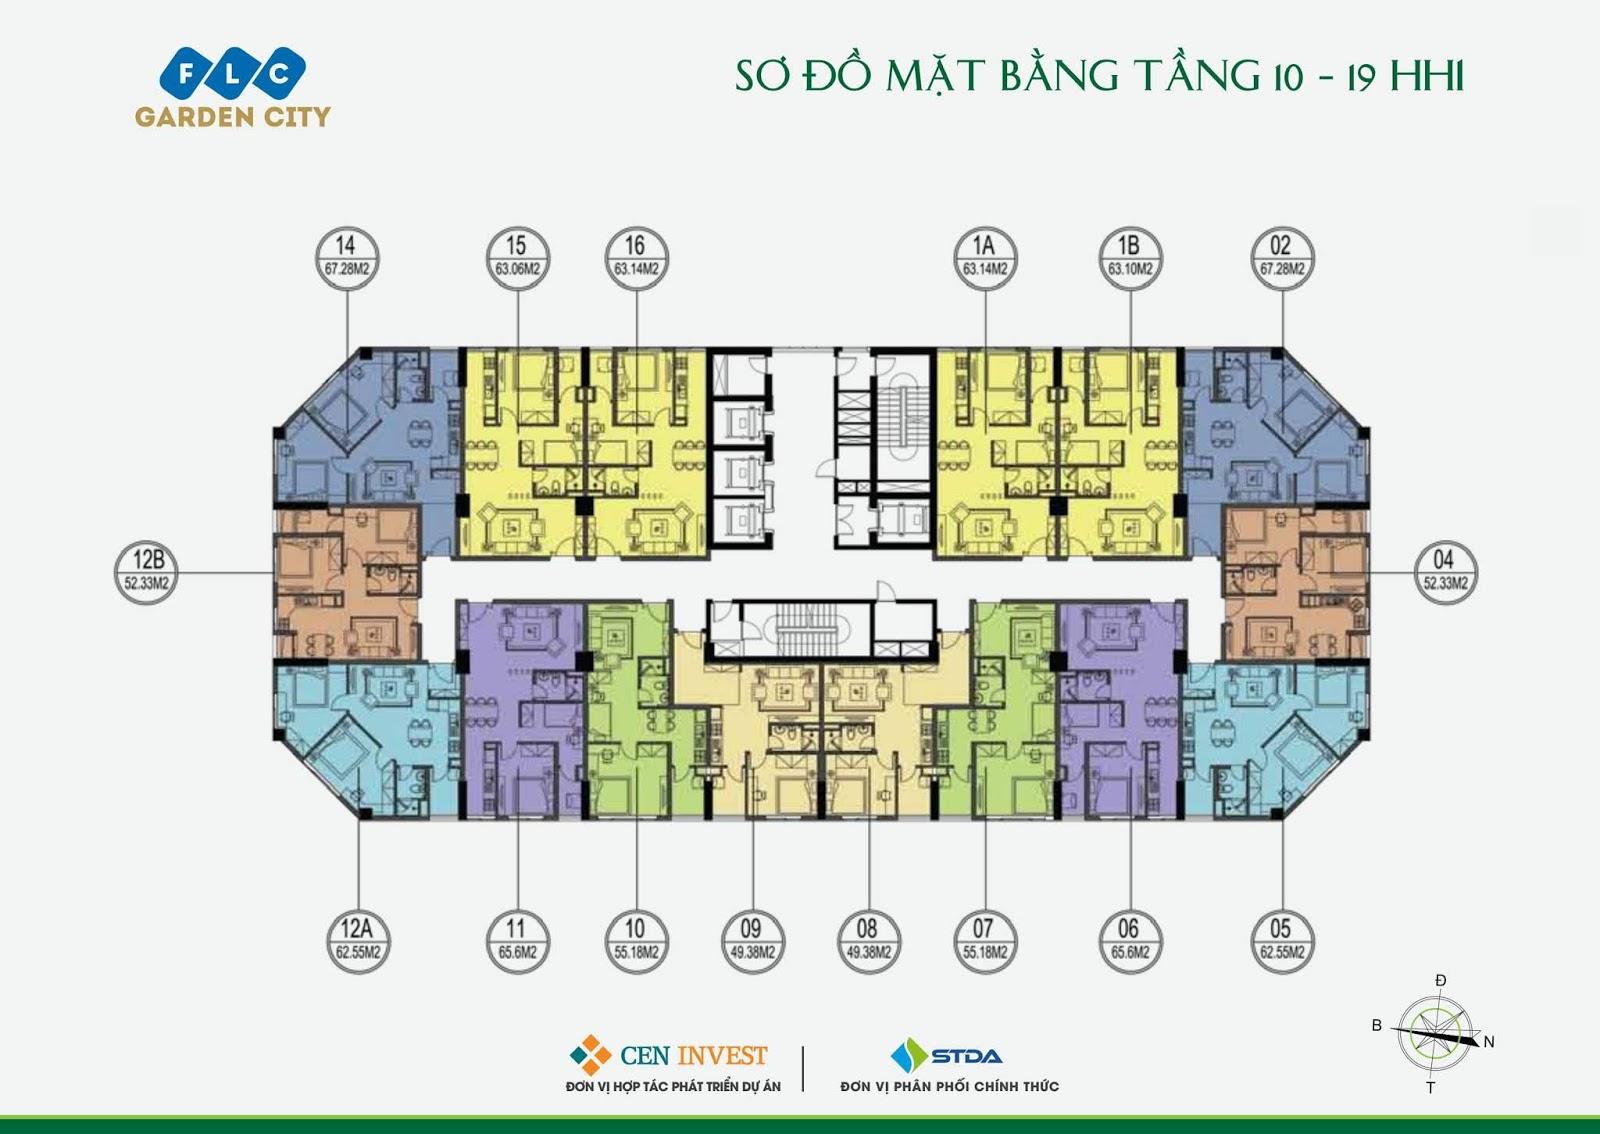 Mặt bằng tầng 10 - 19 Tòa HH1 dự án FLC Garden City Đại Mỗ